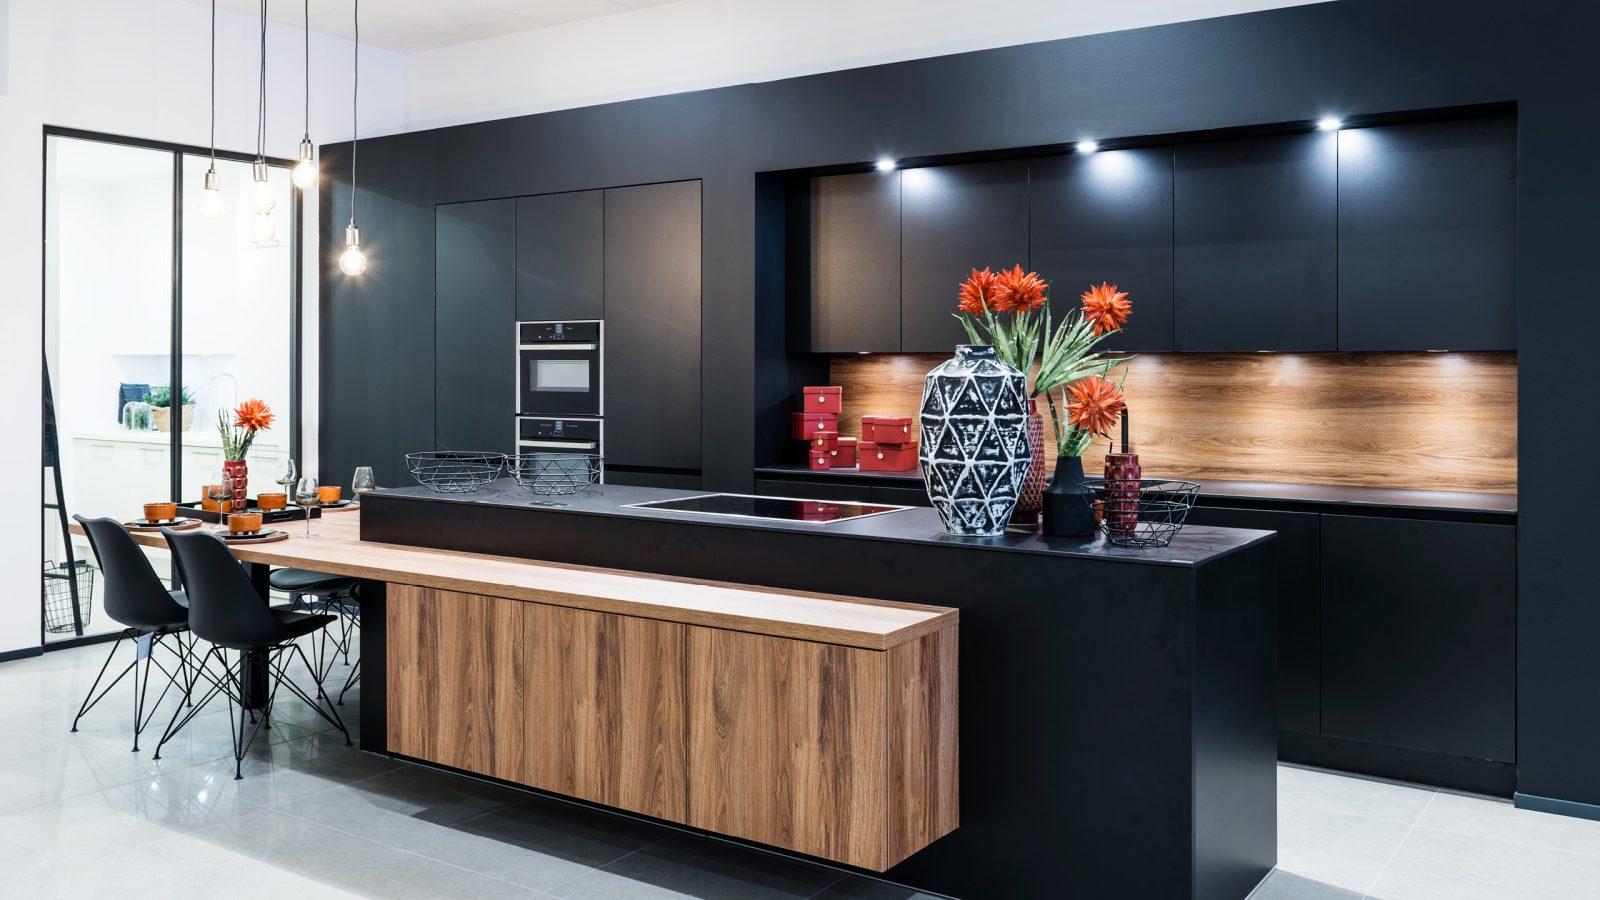 Matzwarte keuken met donker hout